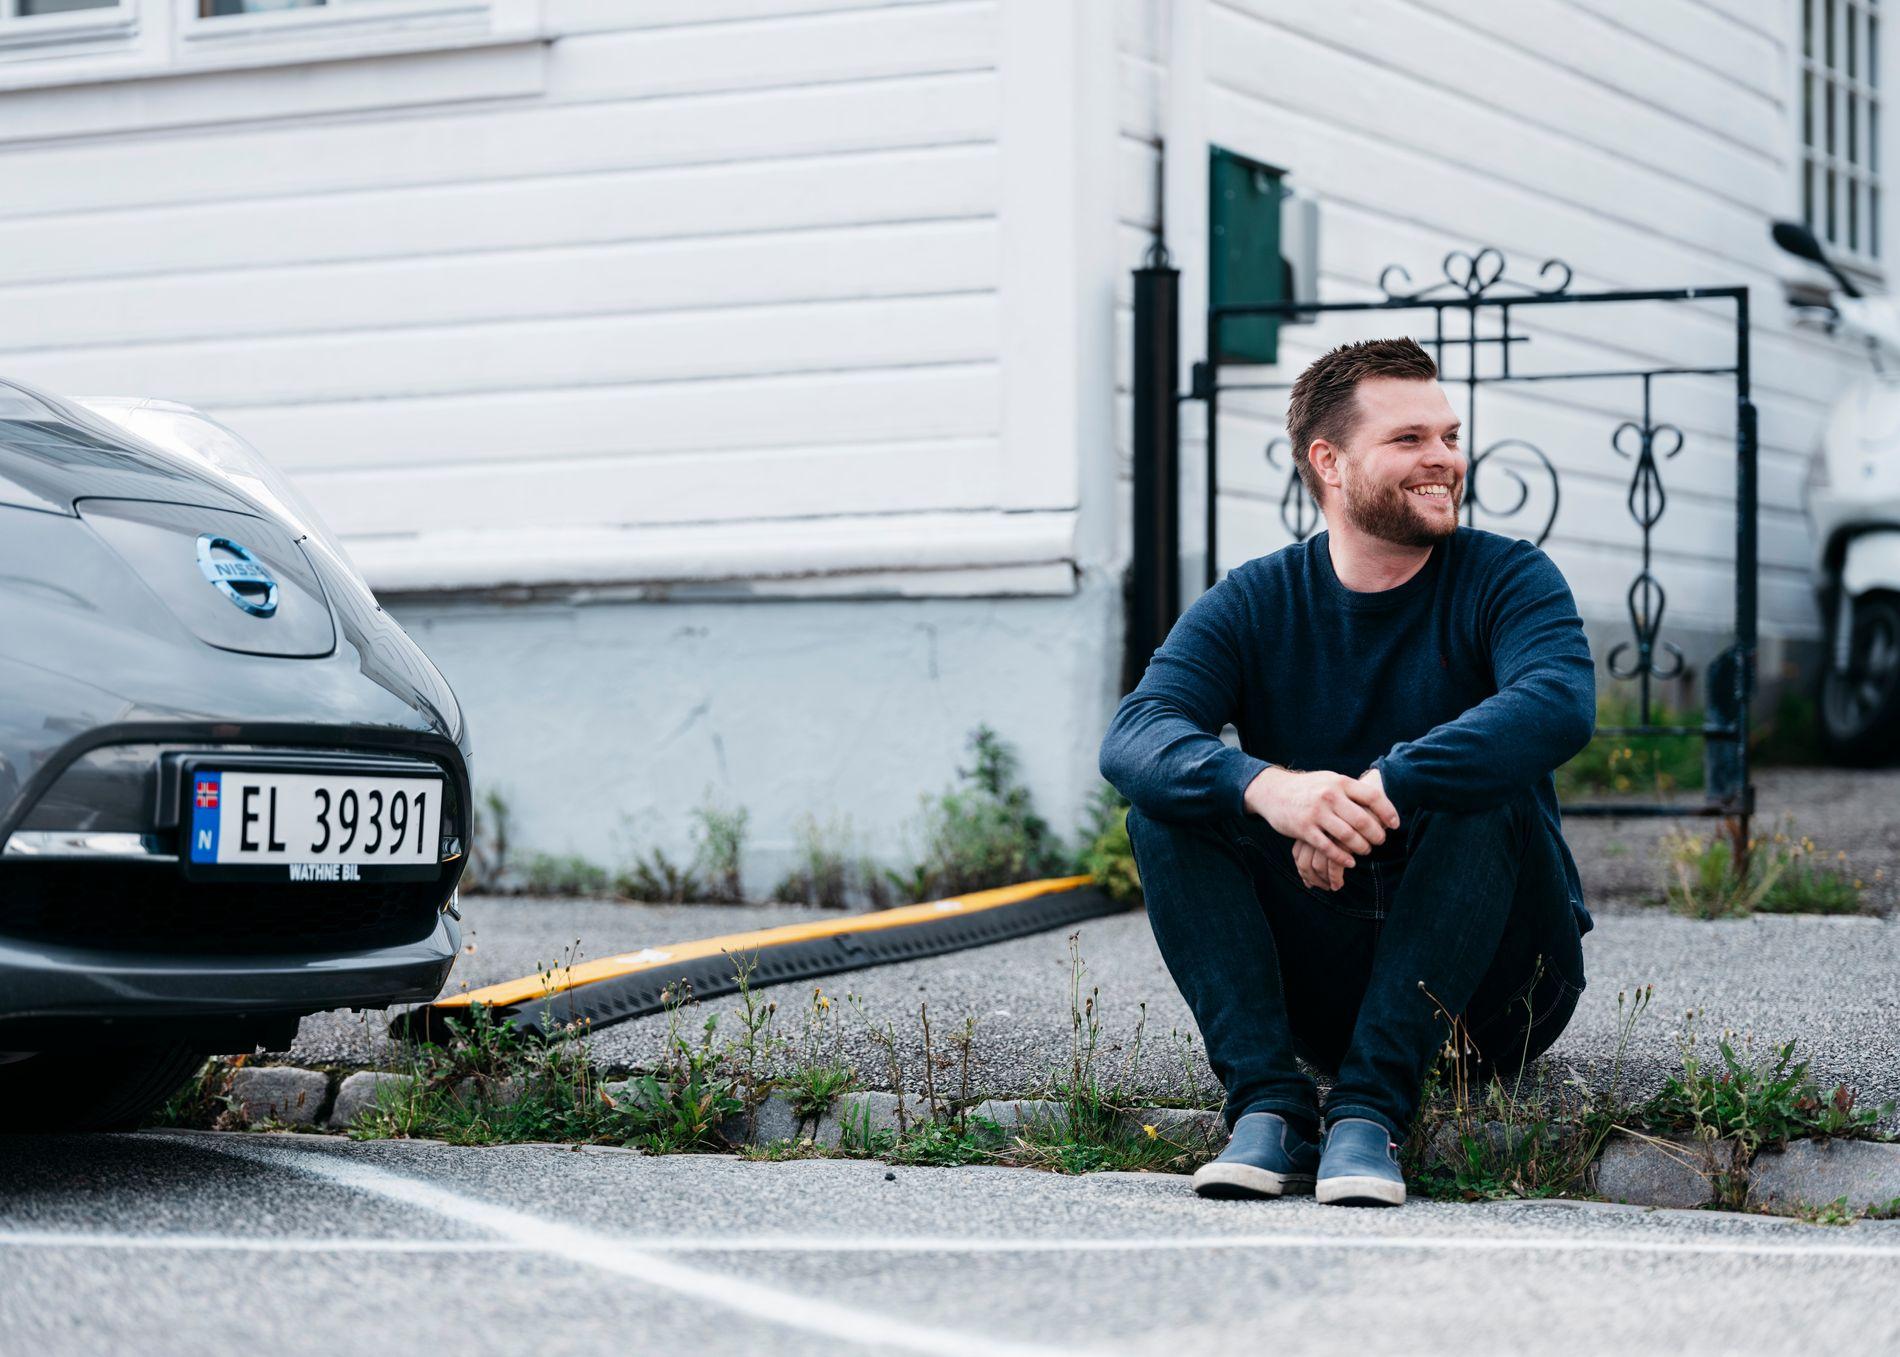 Vil legge mer til rette for elbil | Frøya.no